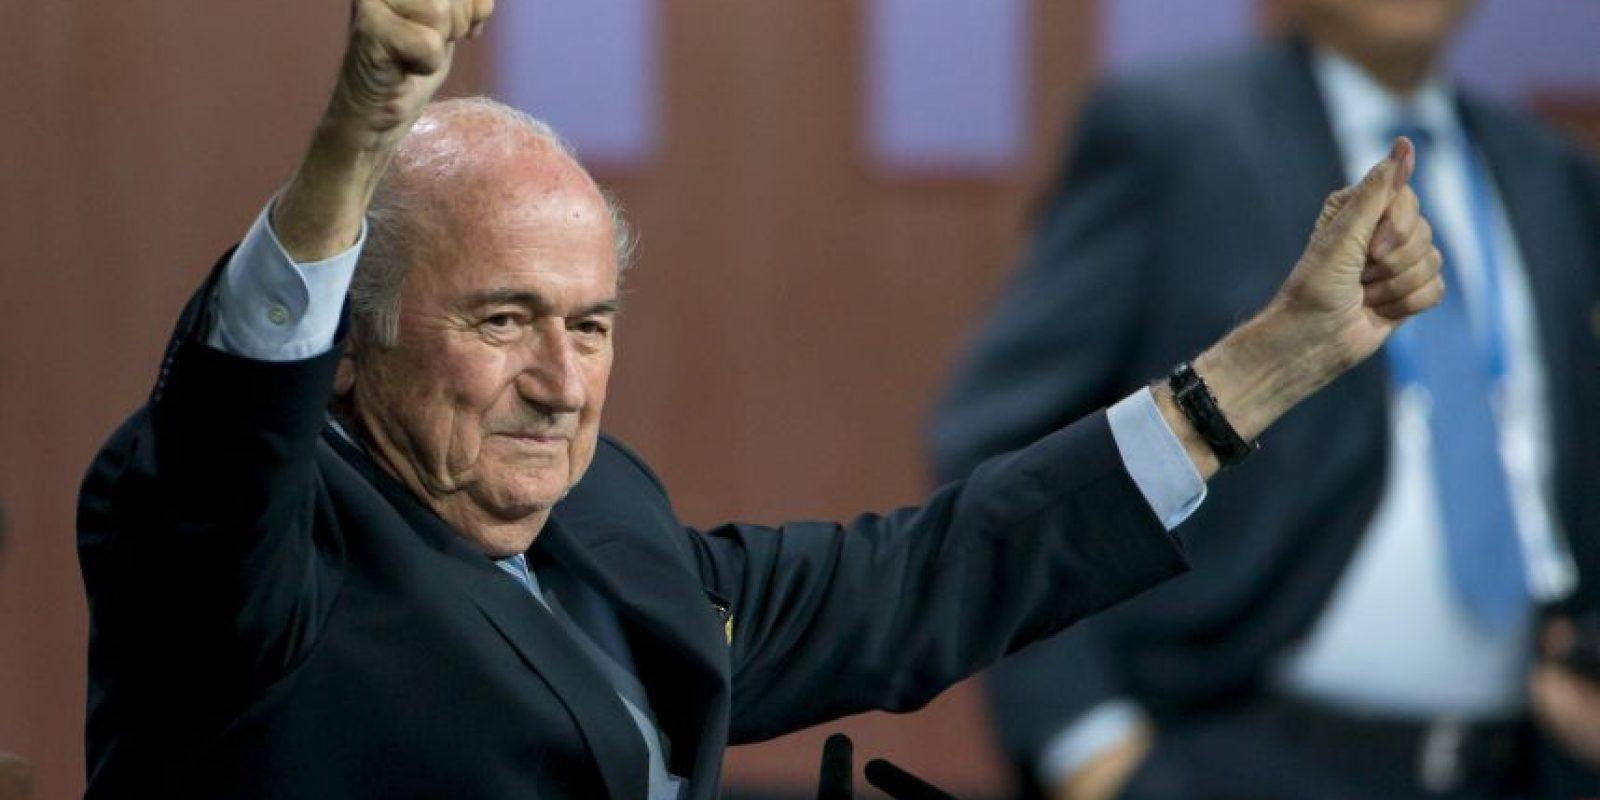 """Con la pregunta """"¿Qué necesitan?"""", un emisario de Blatter visitaba a presidentes de federaciones de América Latina, África o Asia, para así conocer como satisfacer a cada uno de los países y ganar adeptos a su causa. Foto:Getty Images"""